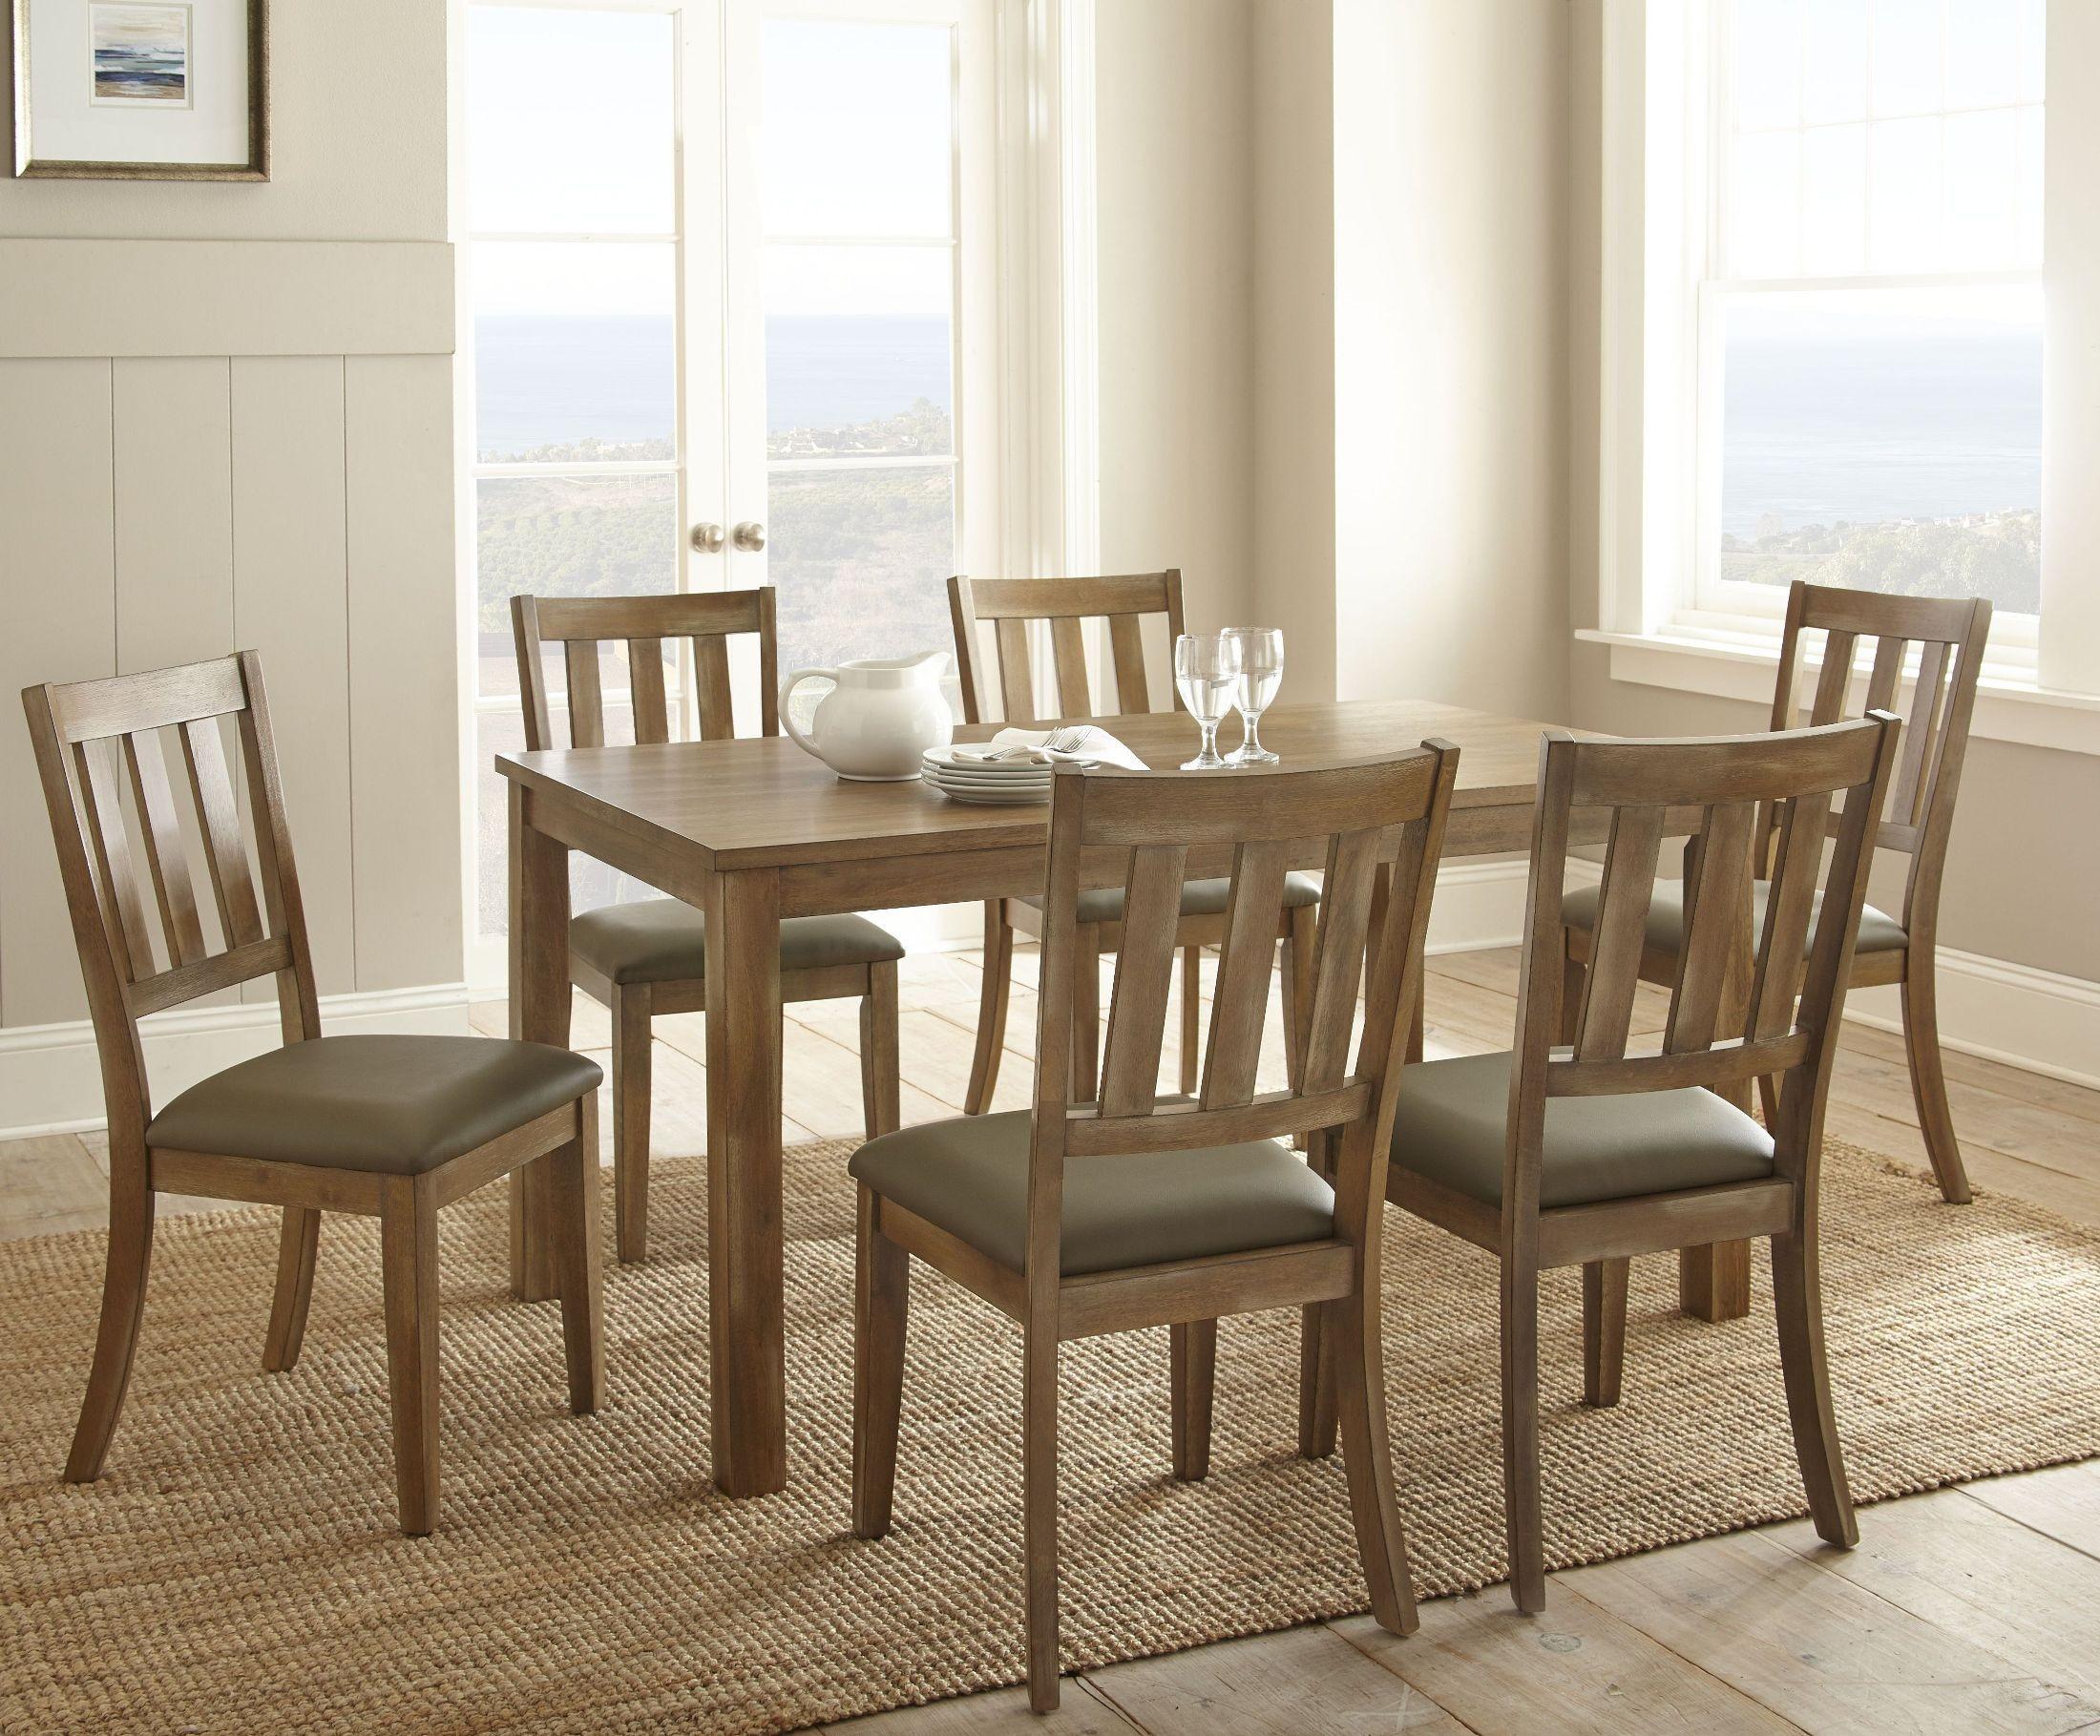 Pine Living Room Furniture Sets: Ander Washed Pine Rectangular Dining Room Set, AD450T